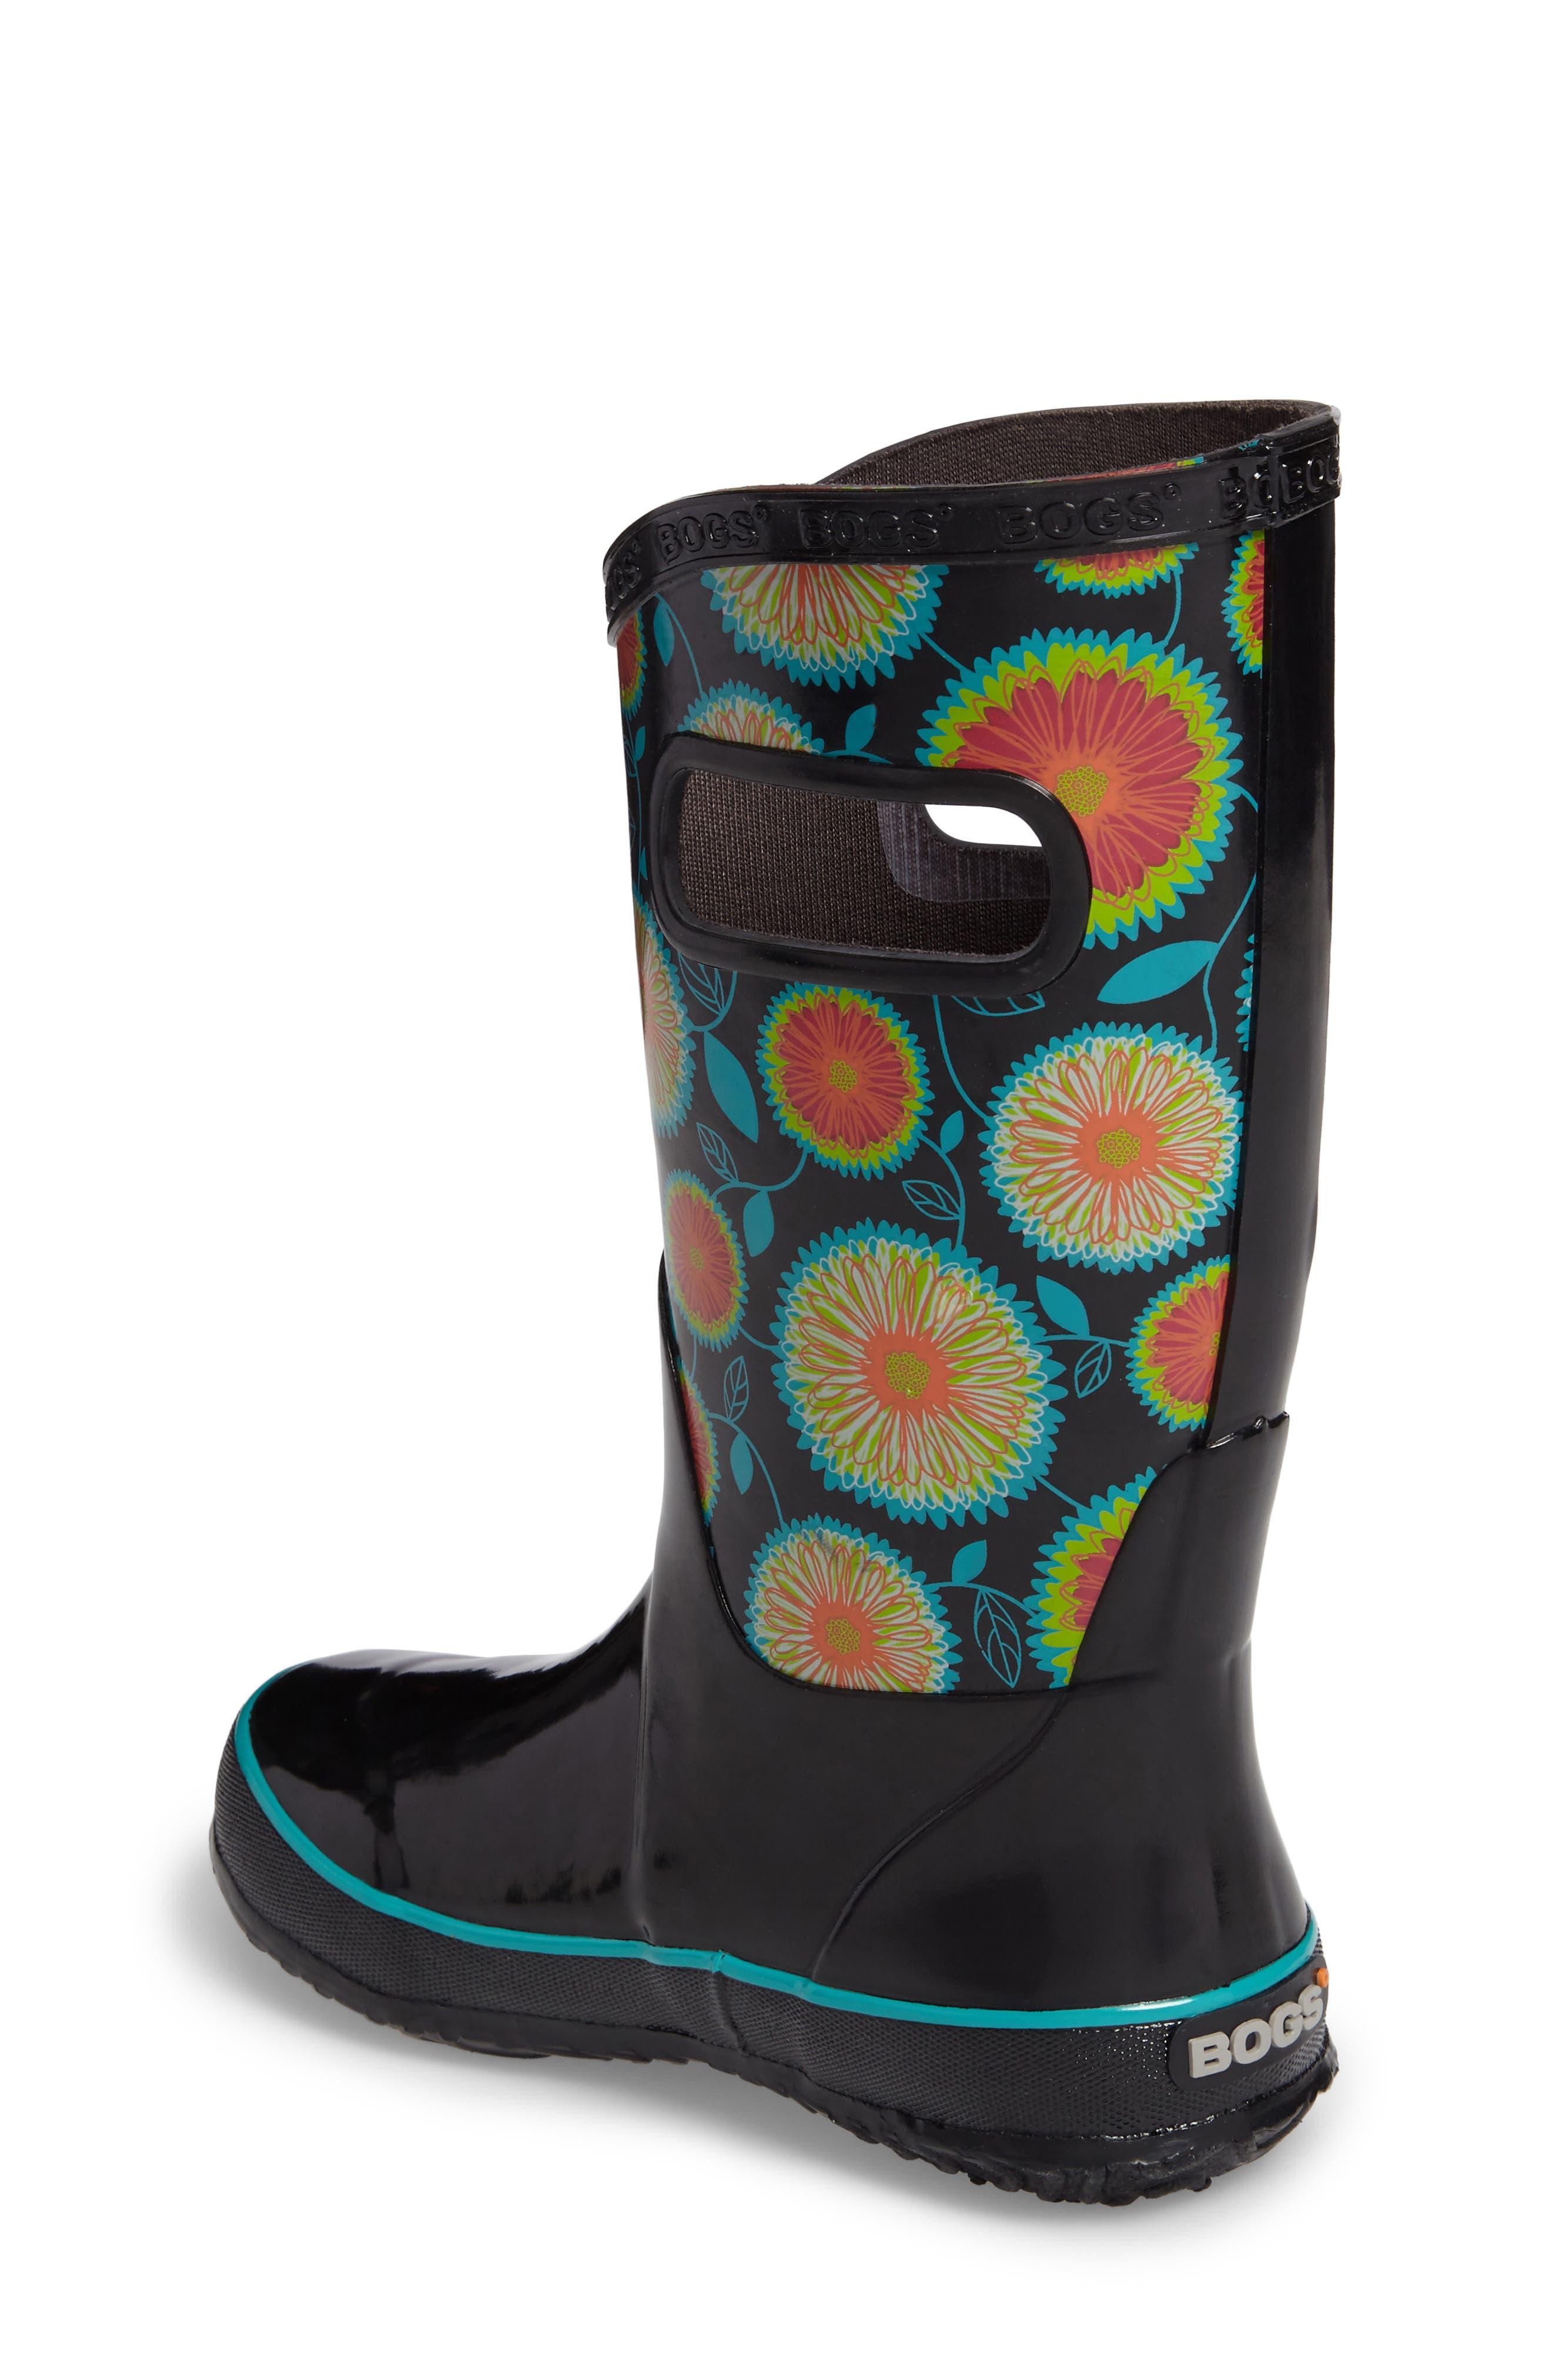 Alternate Image 2  - Bogs Wildflowers Waterproof Rubber Rain Boot (Toddler, Little Kid & Big Kid)